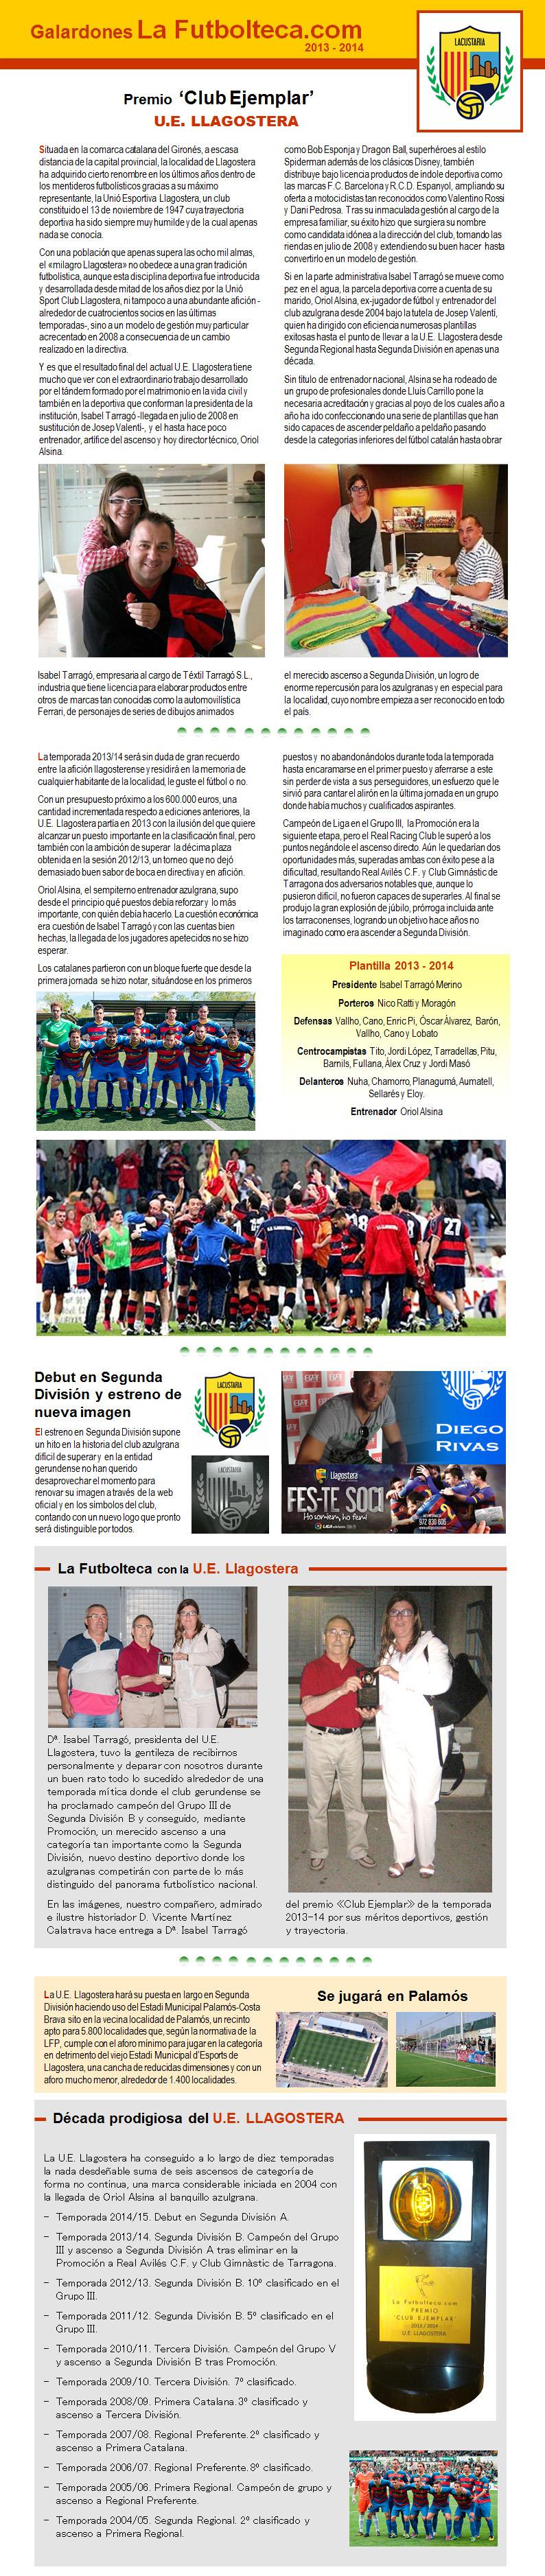 Premio Club Ejemplar La Futbolteca 2014